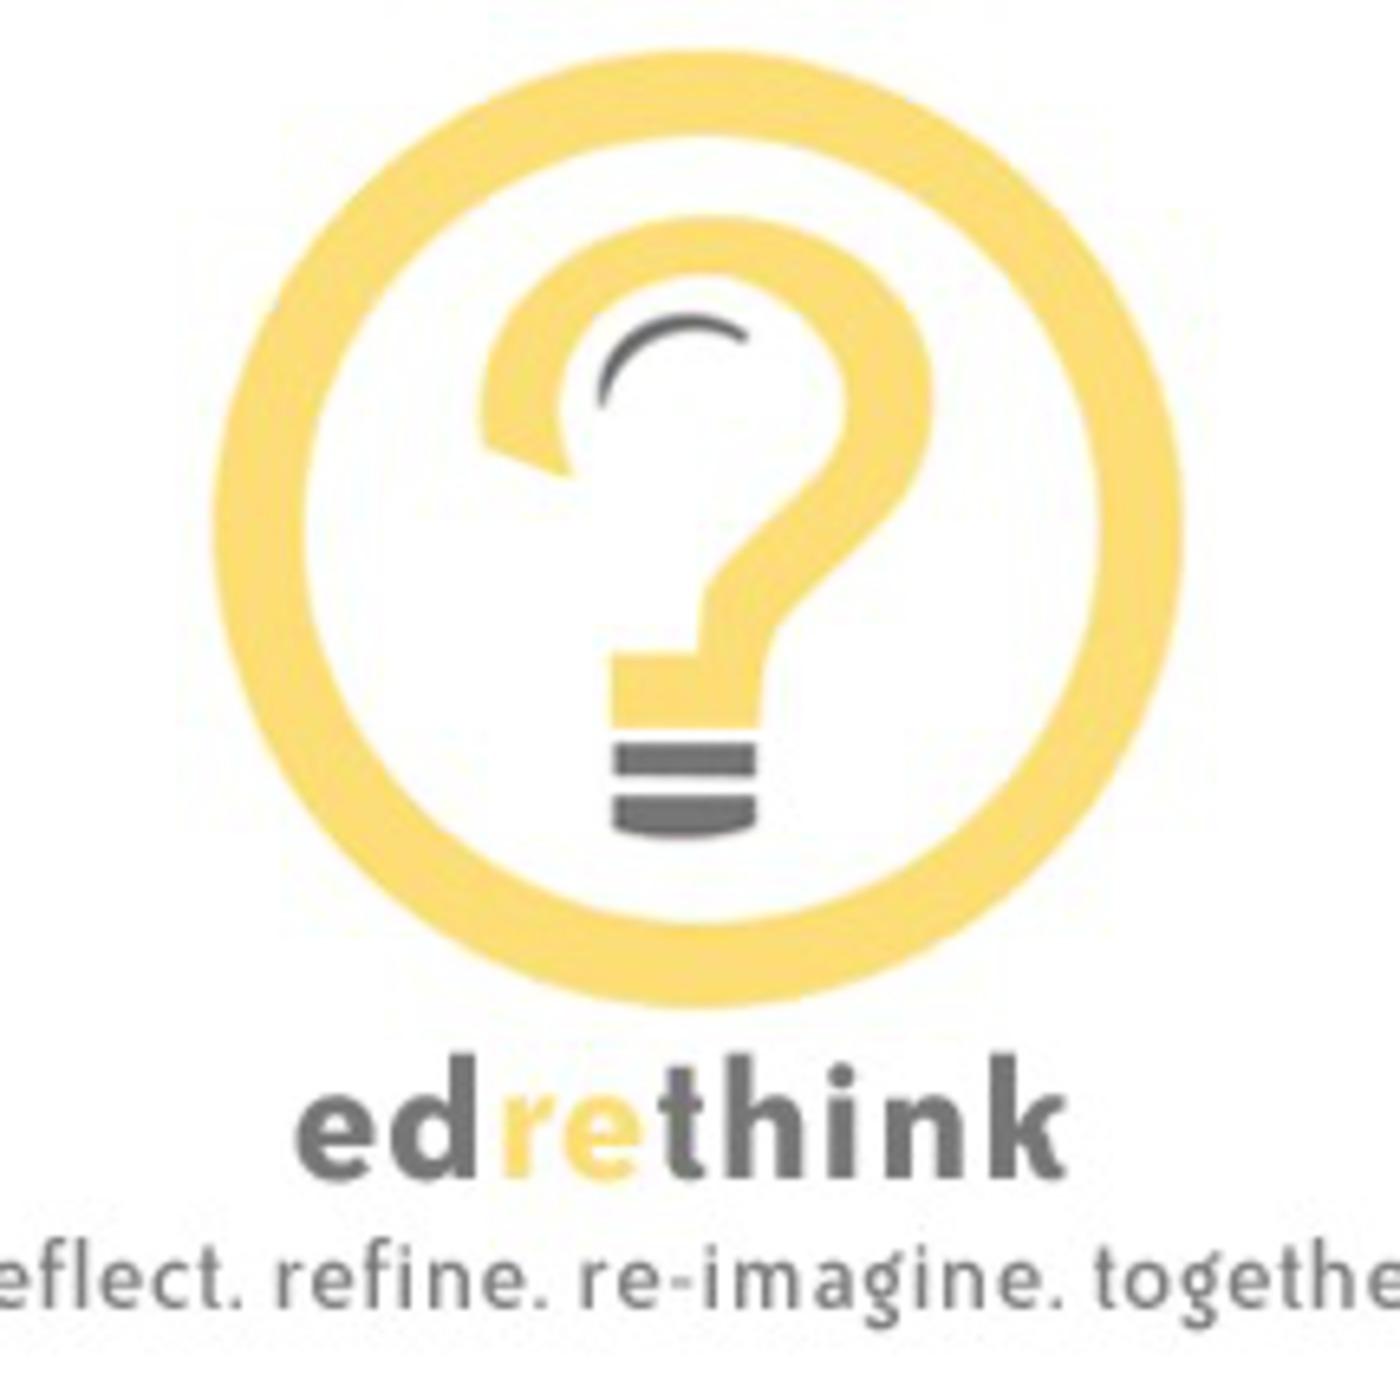 Education Rethink